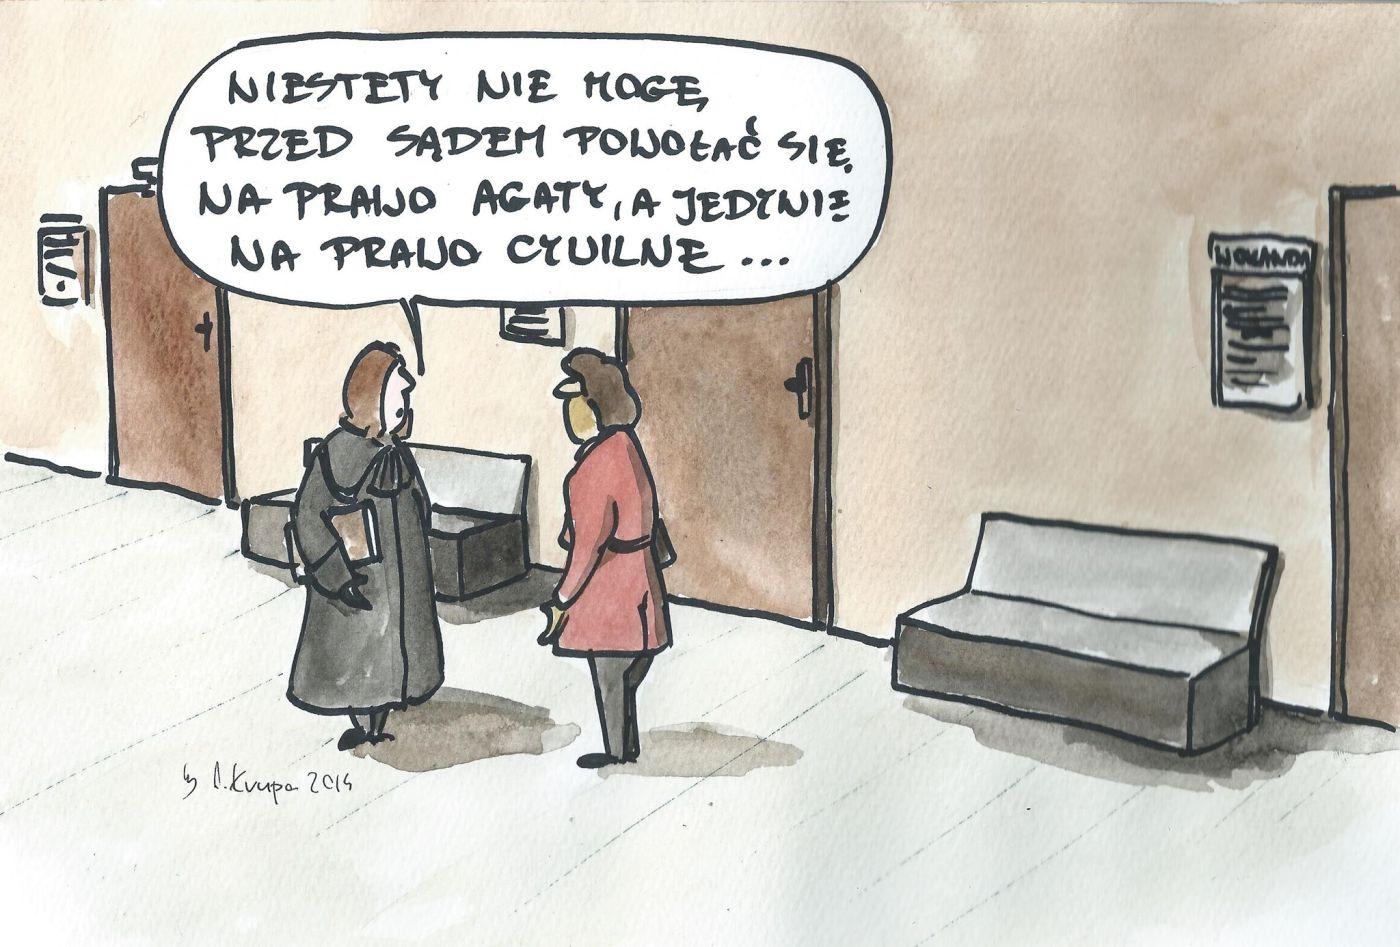 prawo agaty